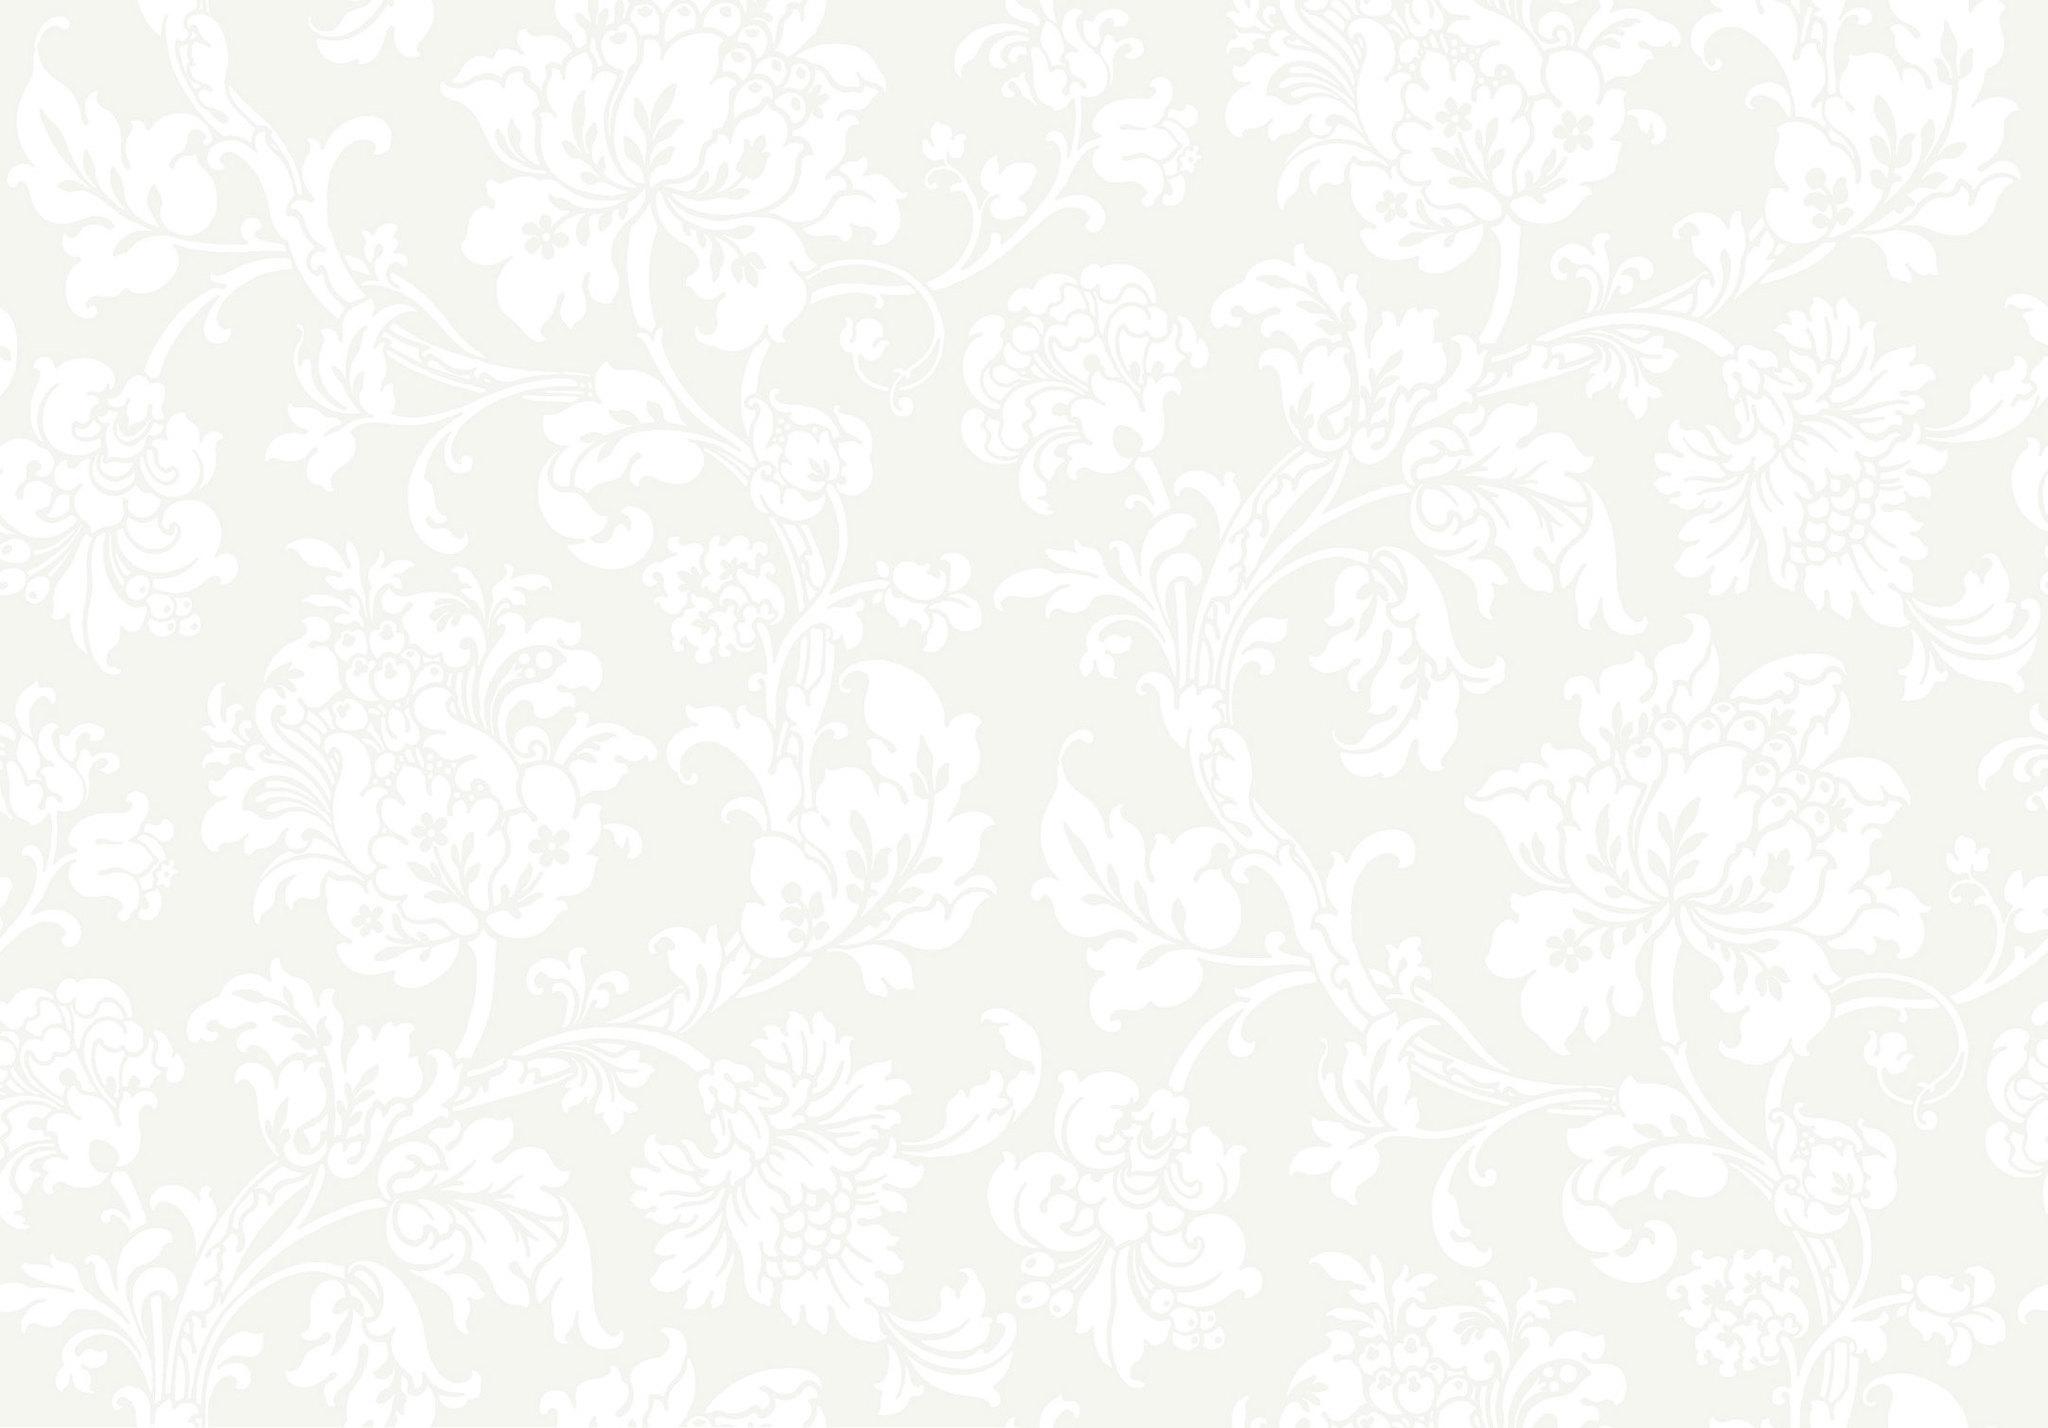 Обои Cole & Son Collection of Flowers 81/10040, интернет магазин Волео